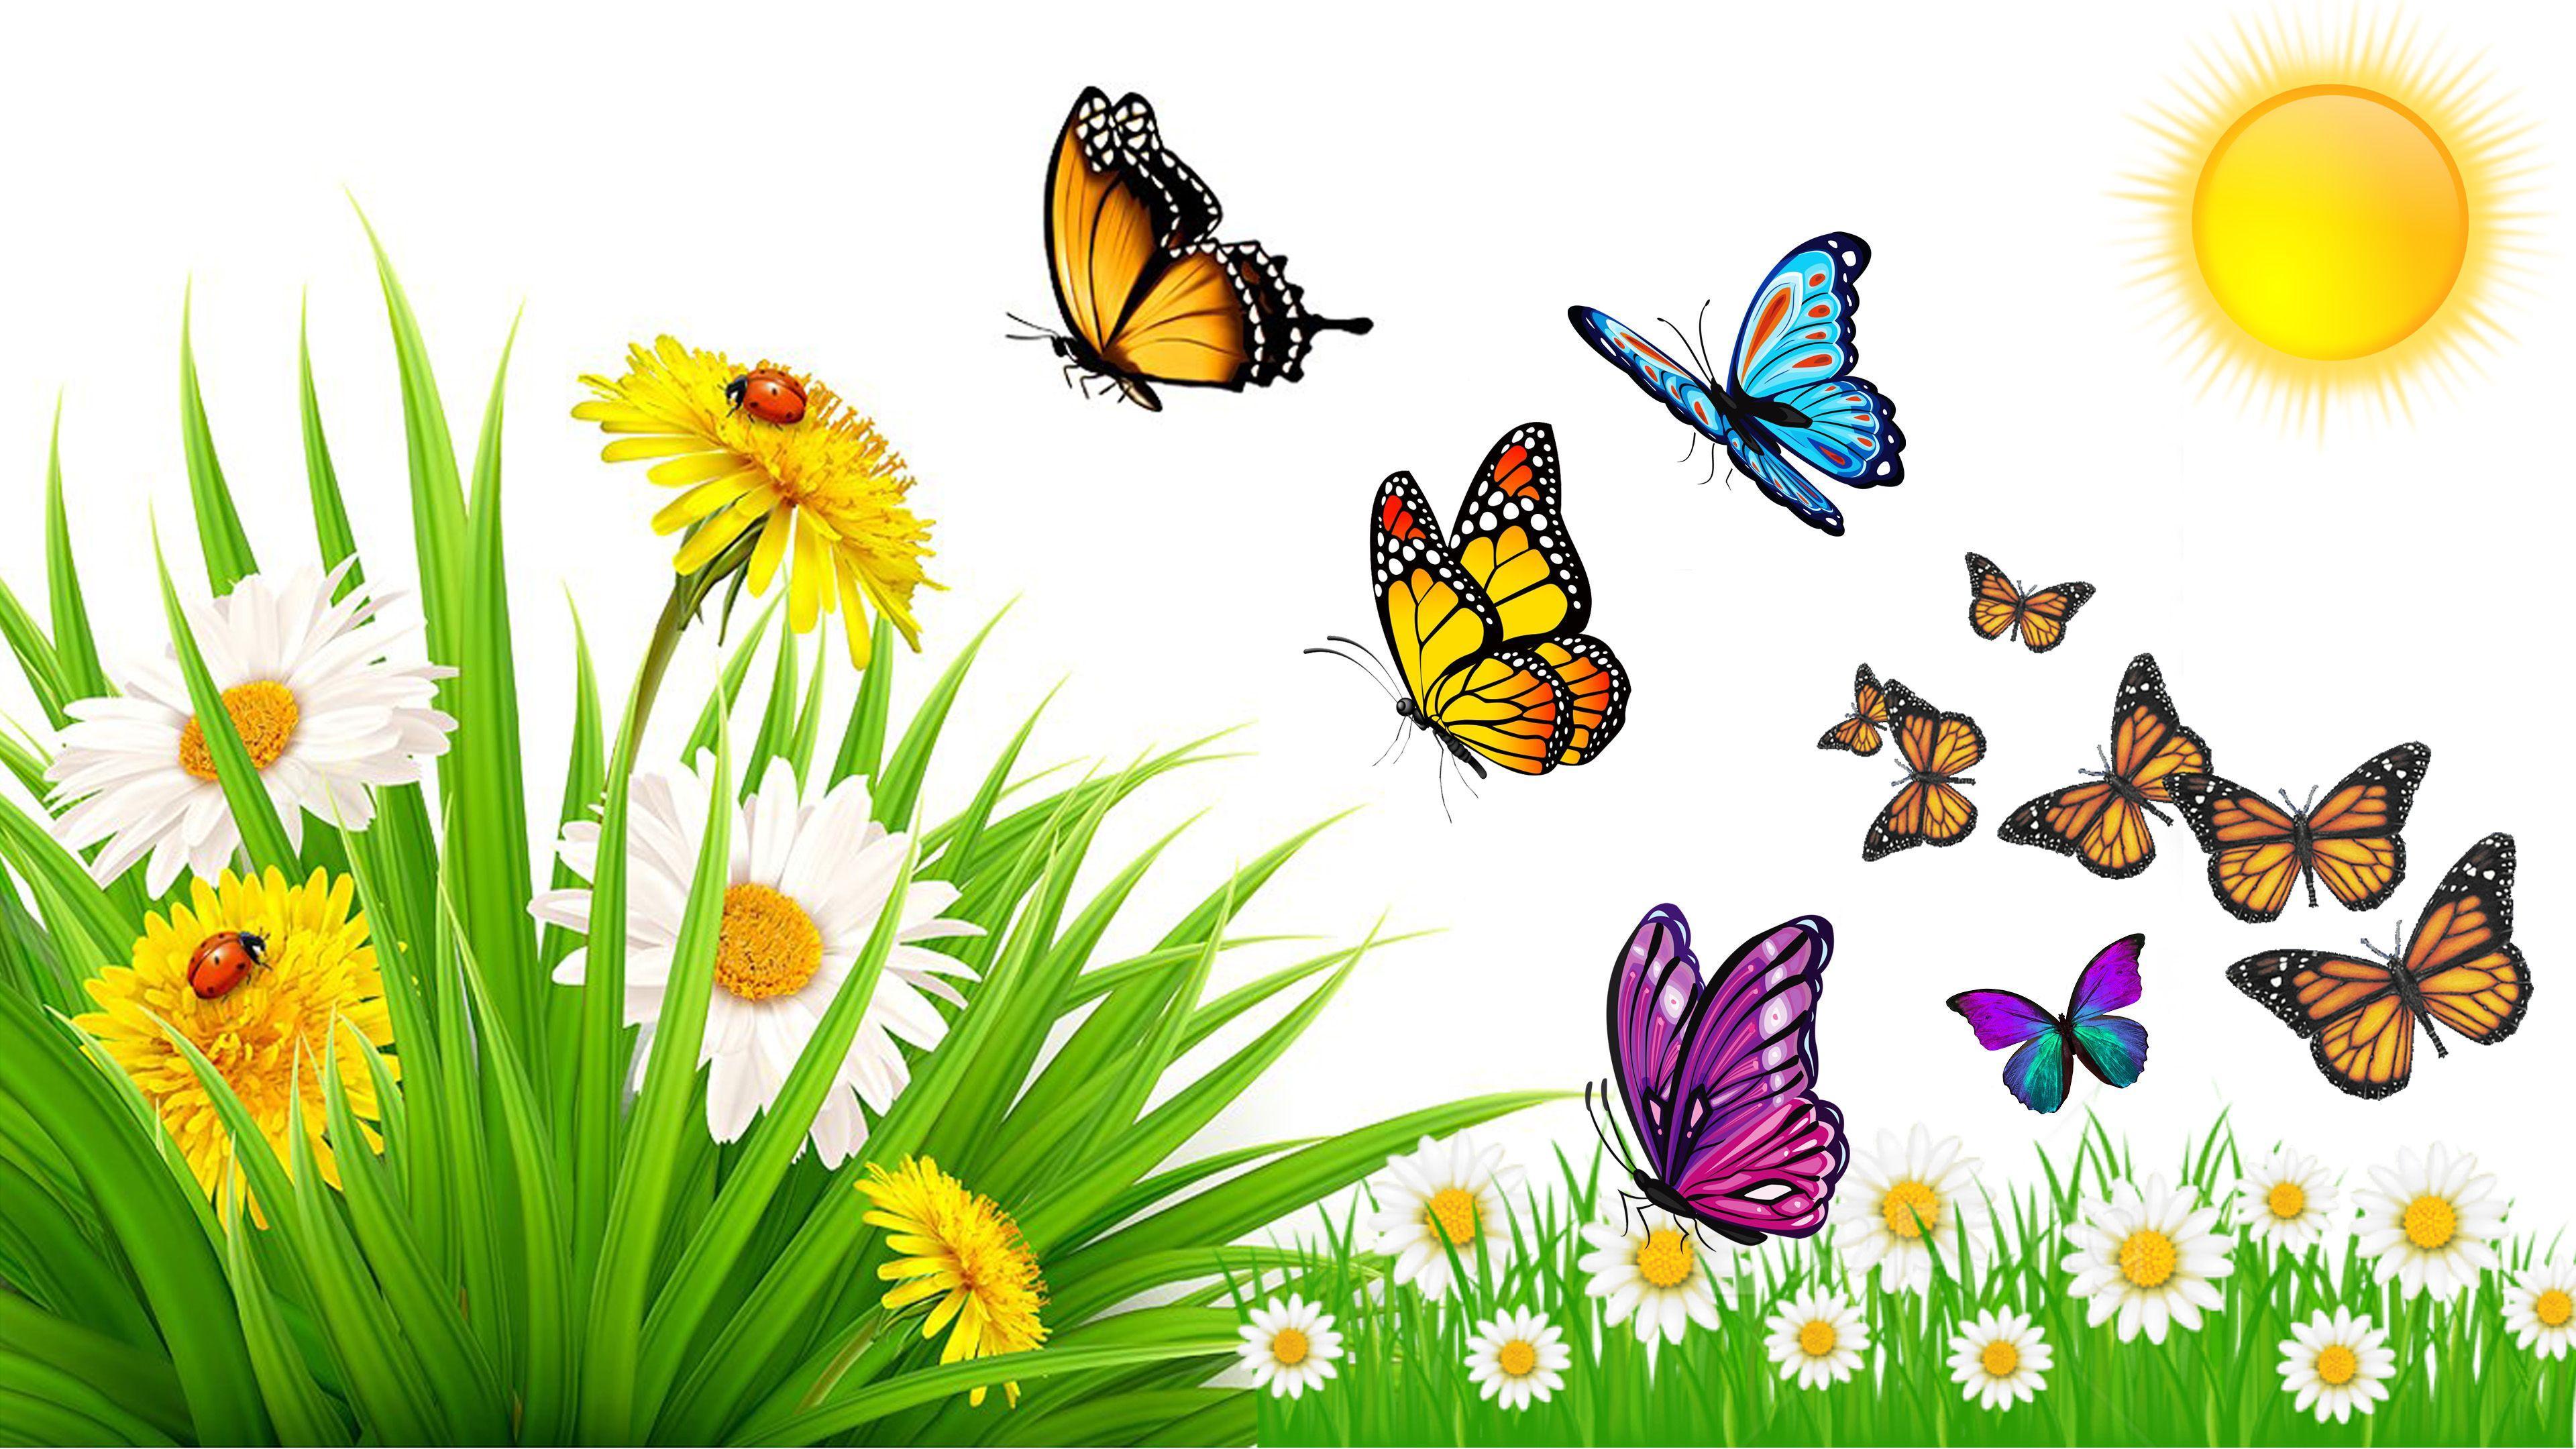 3840x2160 Thiên nhiên Đồng cỏ Mùa hè Côn trùng Bọ rùa Bọ cánh cứng Bướm trong chuyến bay Hoa dại Hoa từ lạc đà và bồ công anh Hình nền cực HD 4k cho máy tính để bàn 3840x2160